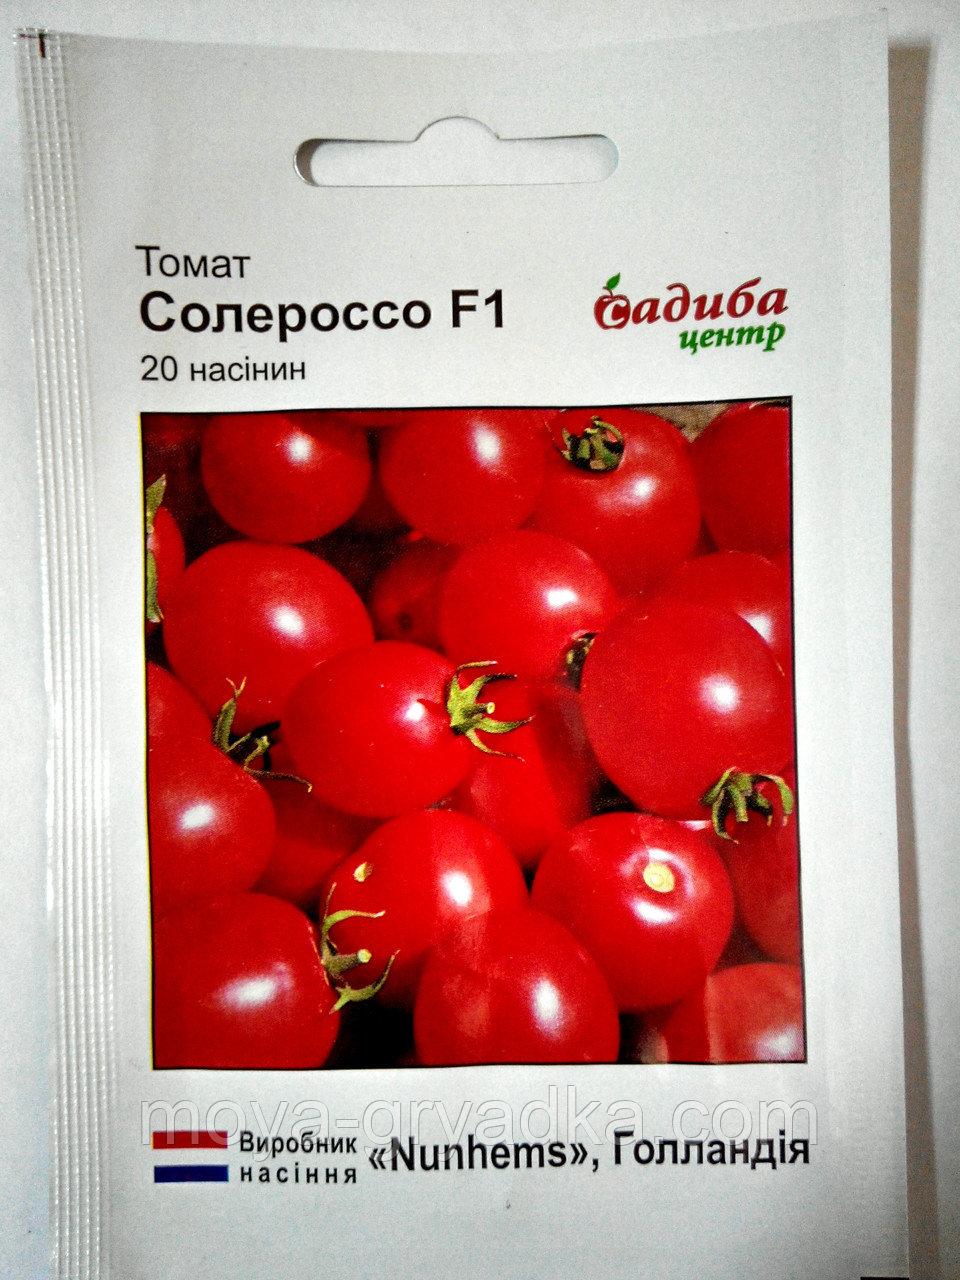 Характеристика томата сорта солероссо f1 - журнал садовода ryazanameli.ru